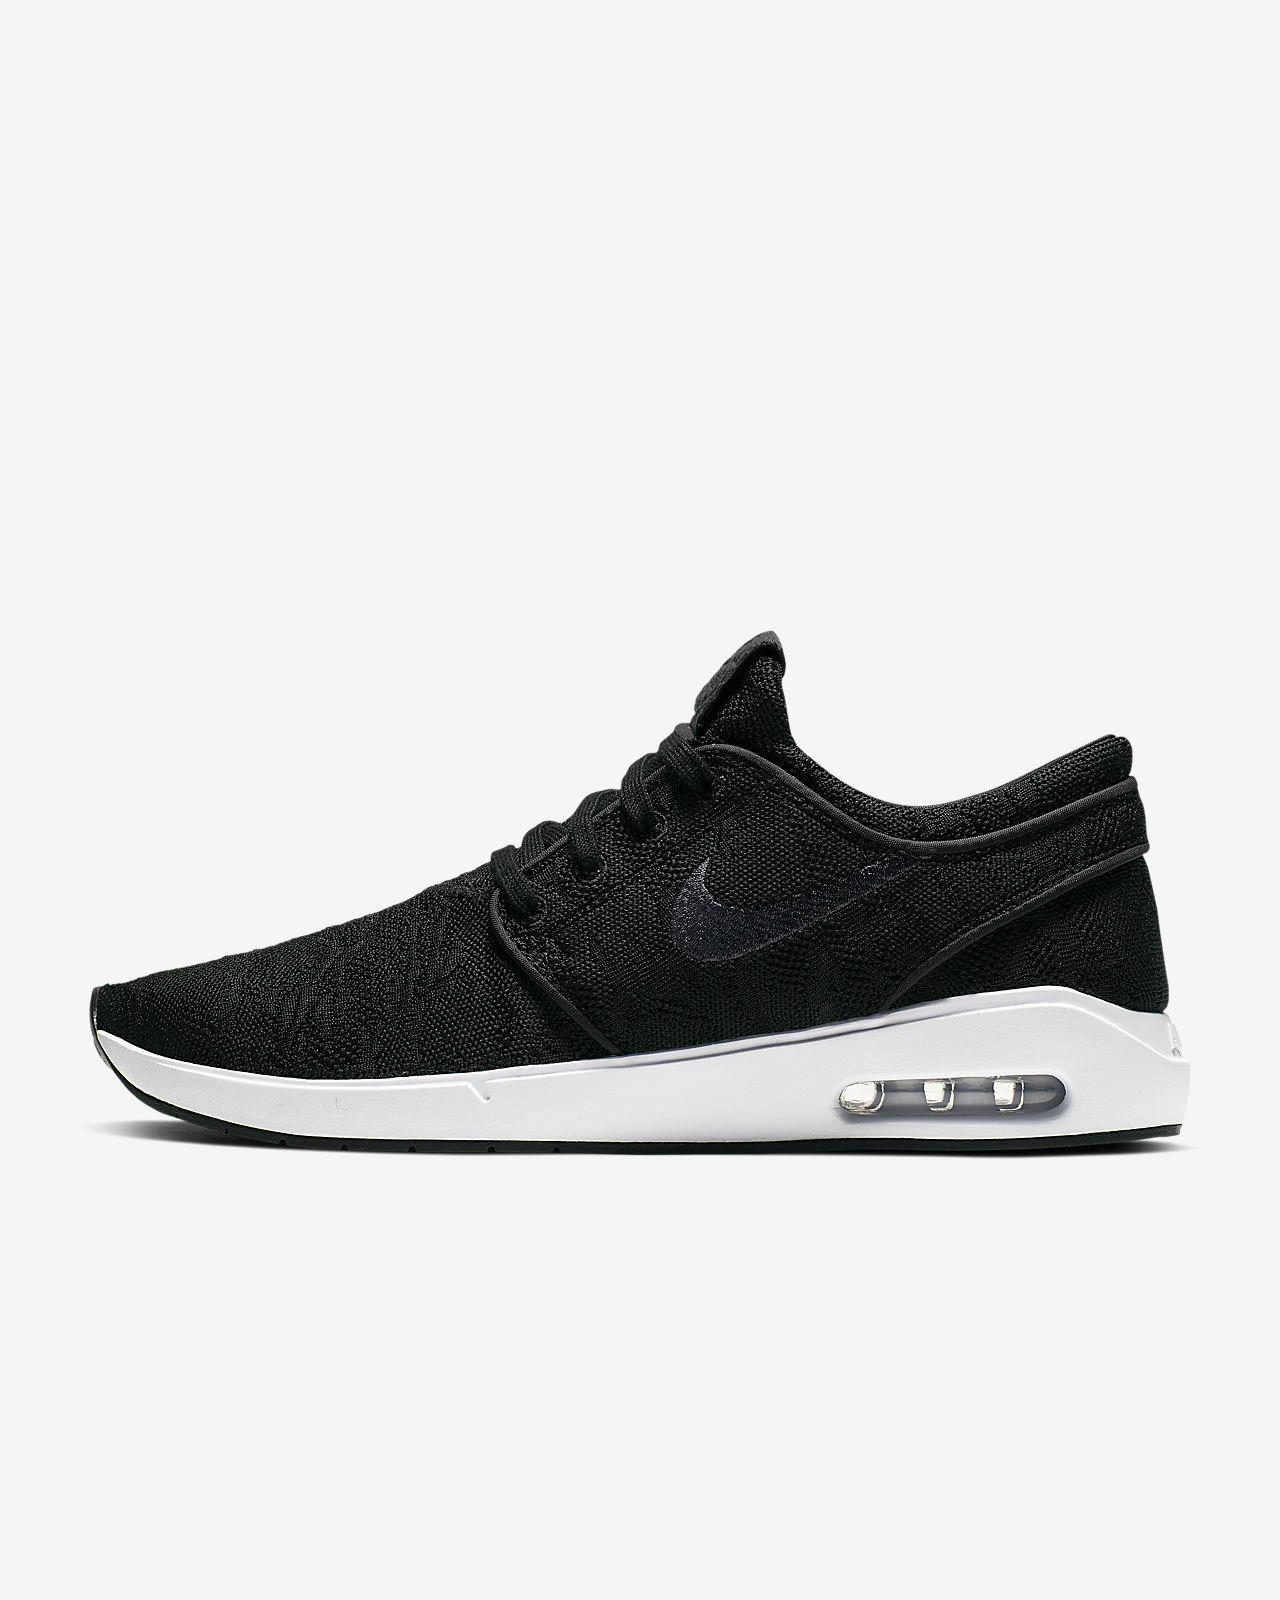 Nike SB Air Max Stefan Janoski 2 Erkek Kaykay Ayakkabısı